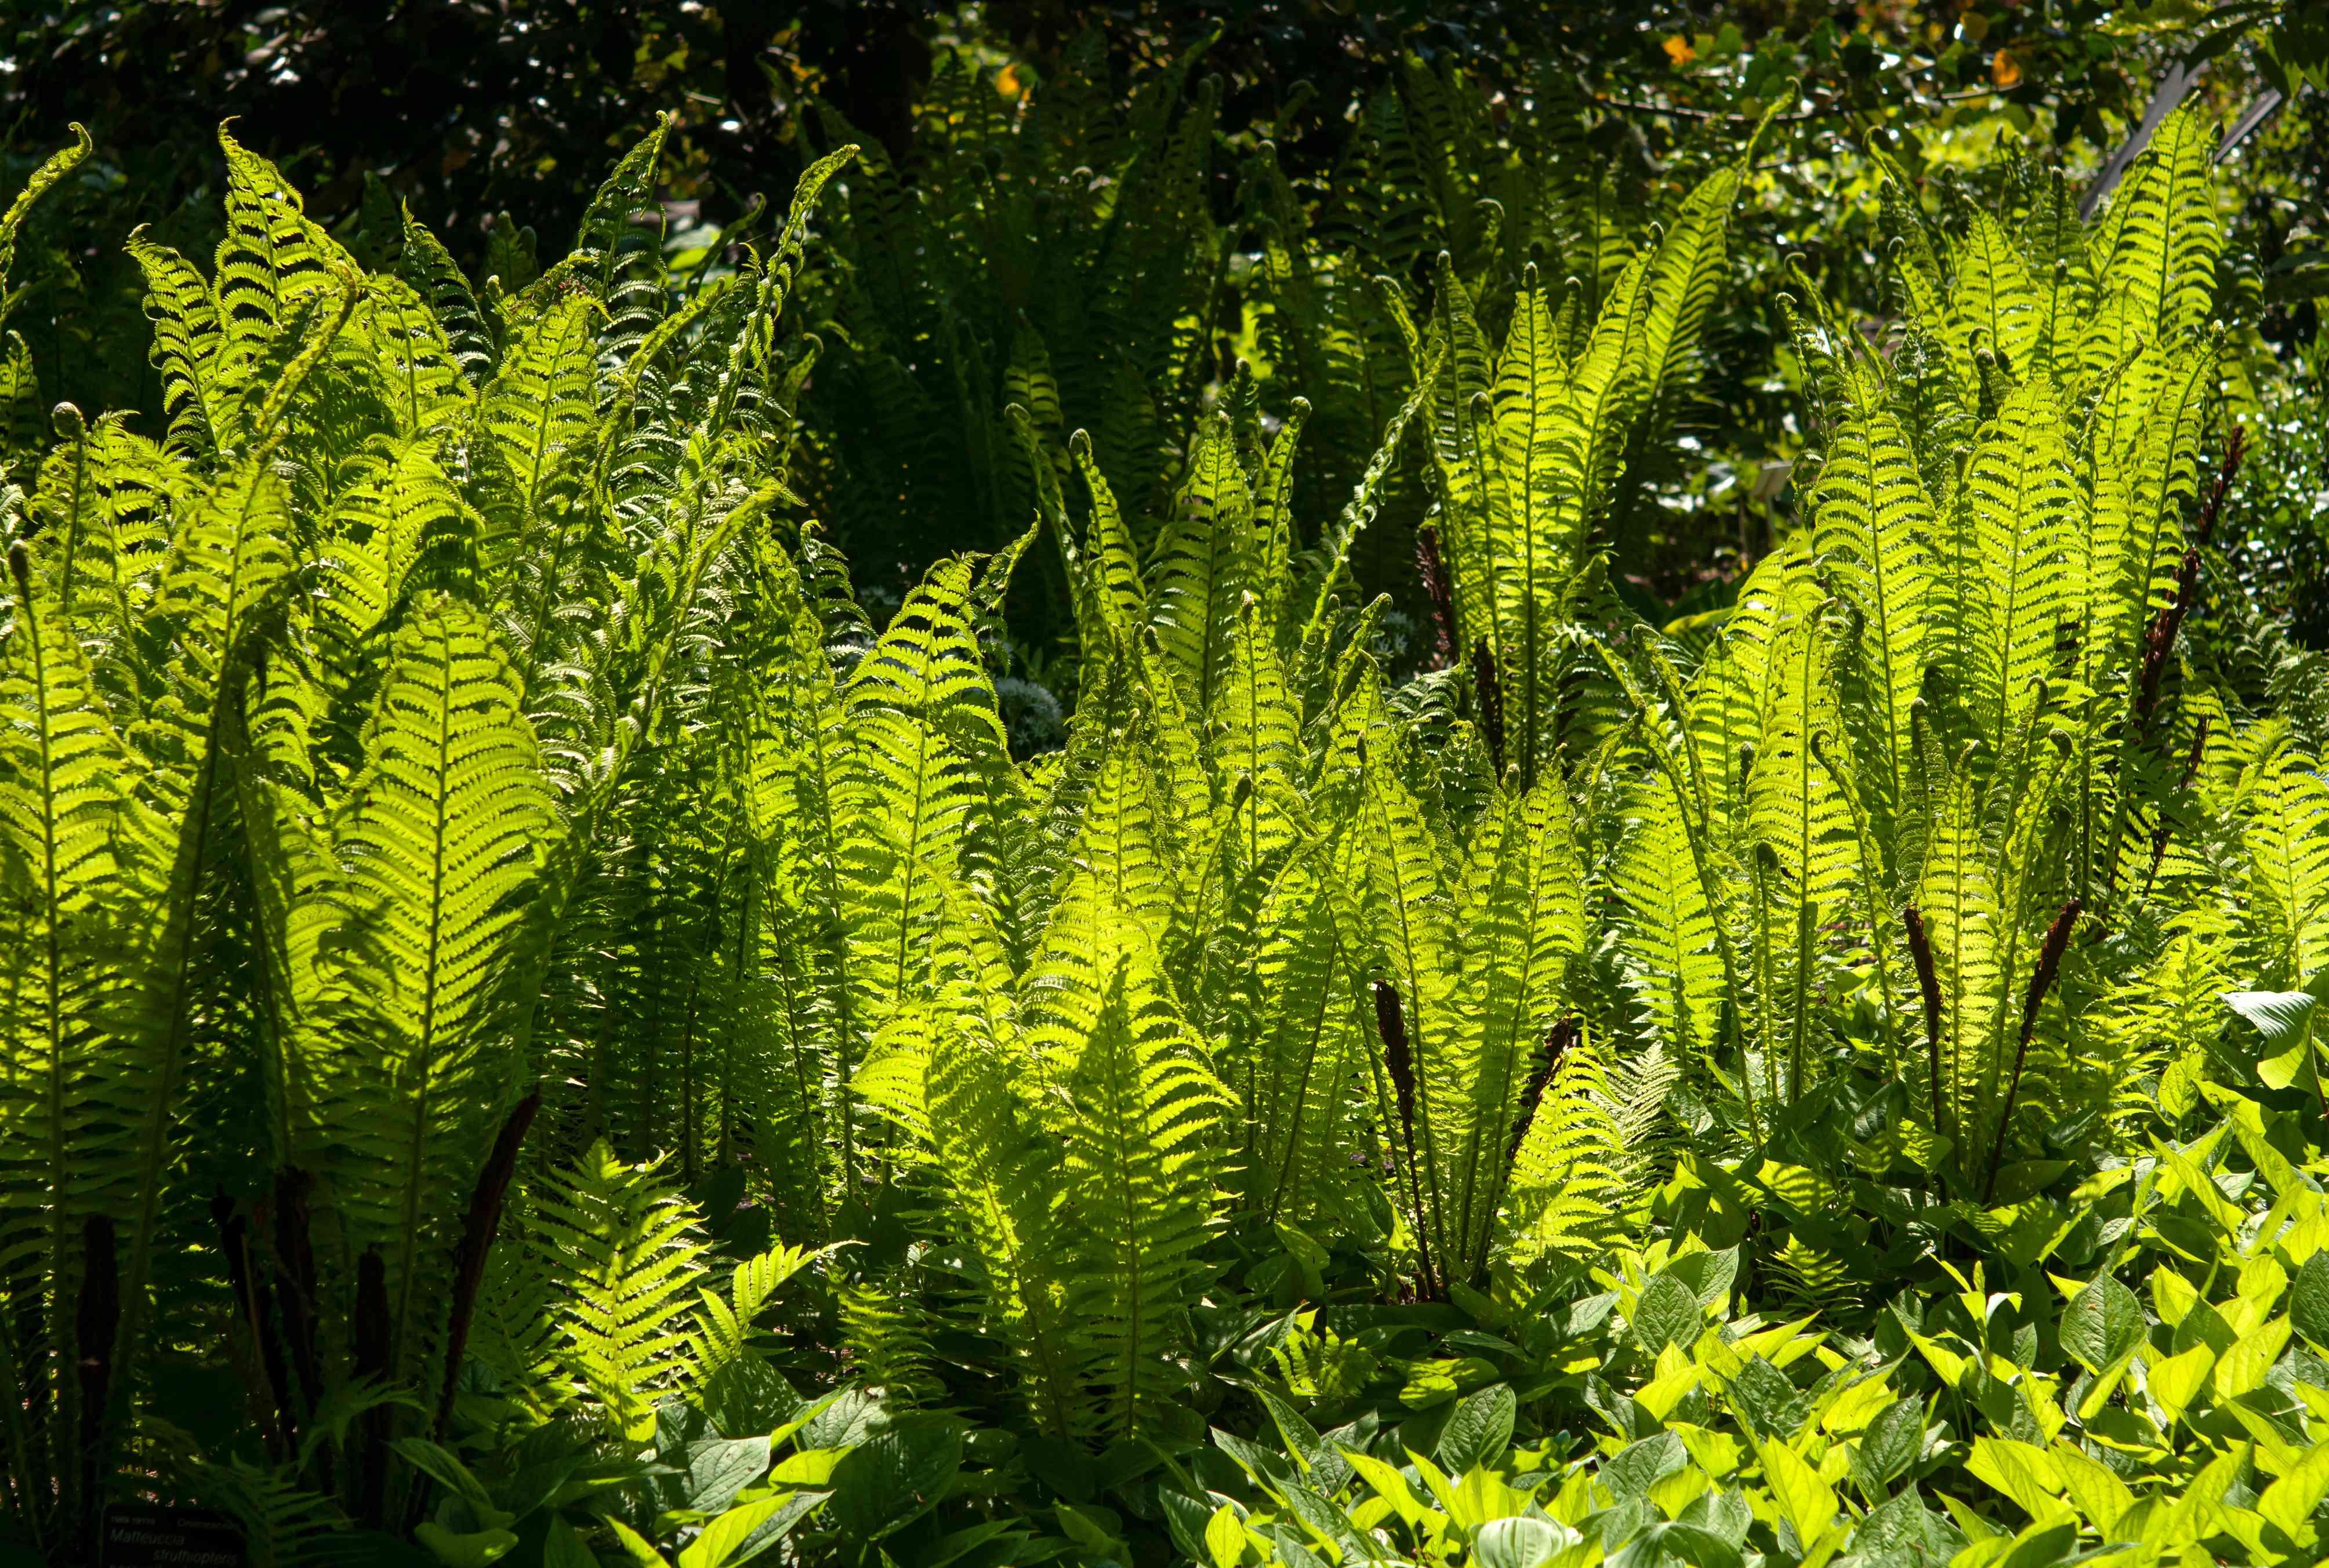 Ostrich fern bushes growing in sunlight